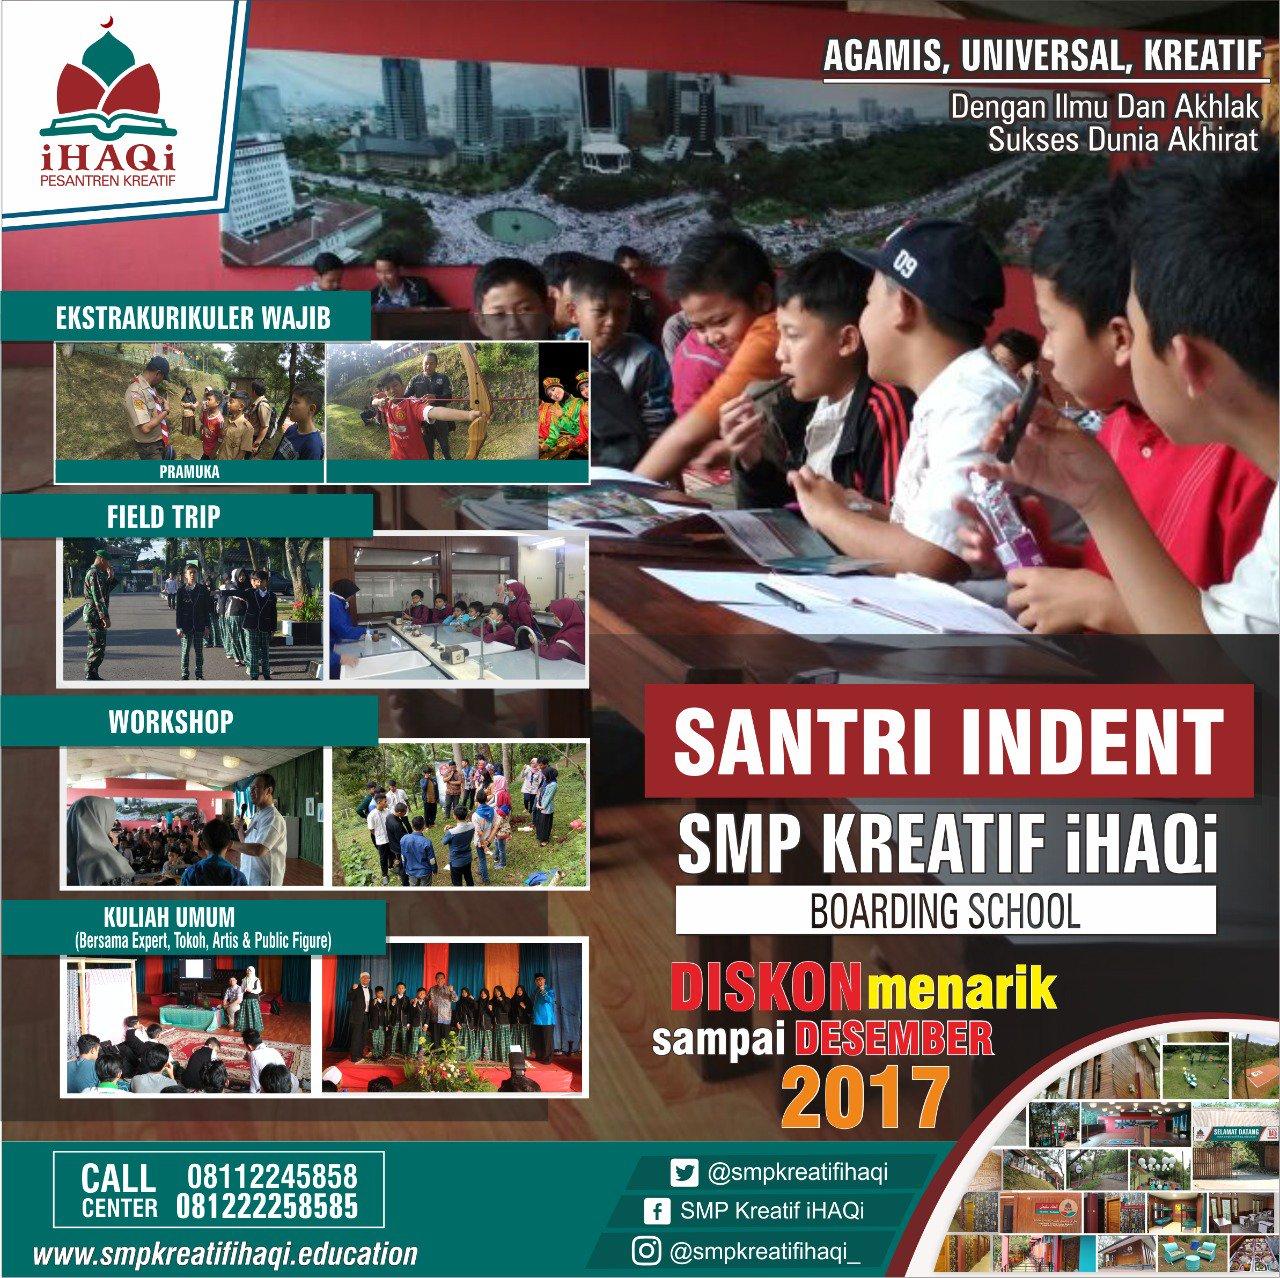 Segera daftar santri indent SMP Kreatif iHAQi Lembang Bandung  https://t.co/FHVP2RHktR https://t.co/HE6aJ2GJup